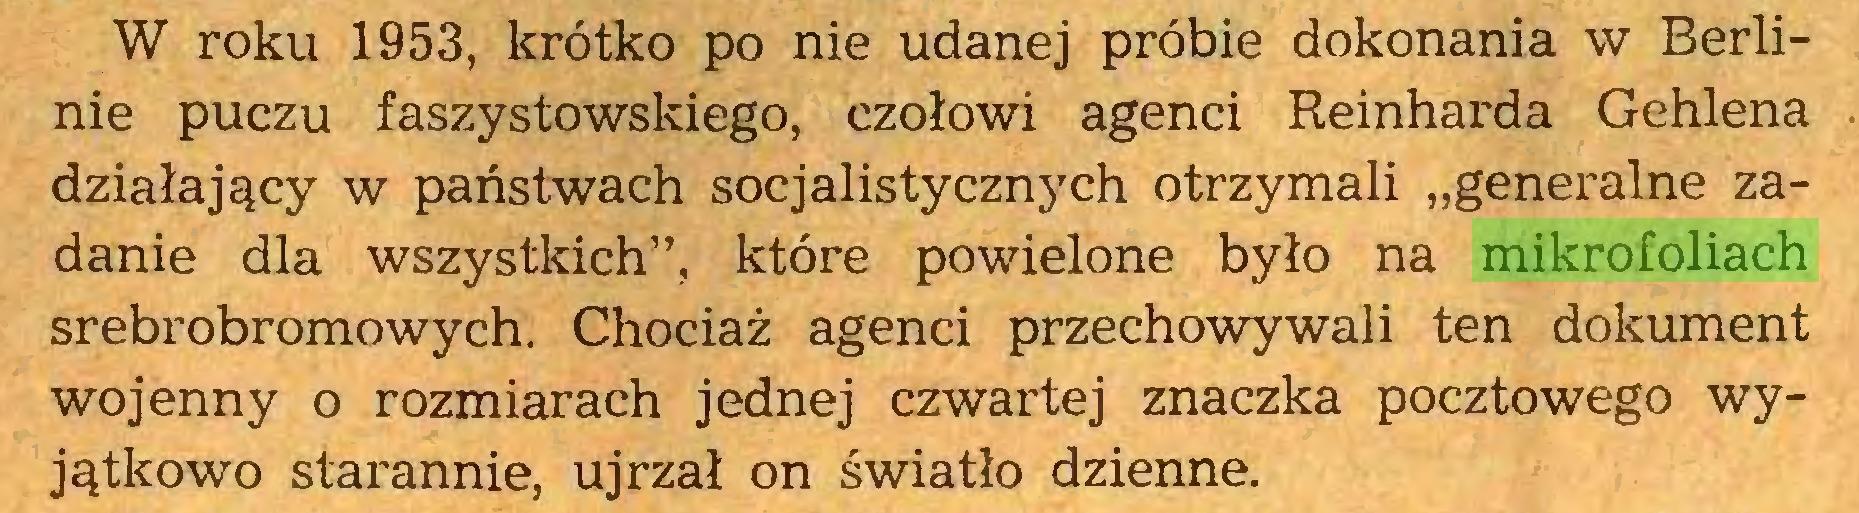 """(...) W roku 1953, krótko po nie udanej próbie dokonania w Berlinie puczu faszystowskiego, czołowi agenci Reinharda Gehlena działający w państwach socjalistycznych otrzymali """"generalne zadanie dla wszystkich"""", które powielone było na mikrofoliach srebrobromowych. Chociaż agenci przechowywali ten dokument wojenny o rozmiarach jednej czwartej znaczka pocztowego wyjątkowo starannie, ujrzał on światło dzienne..."""